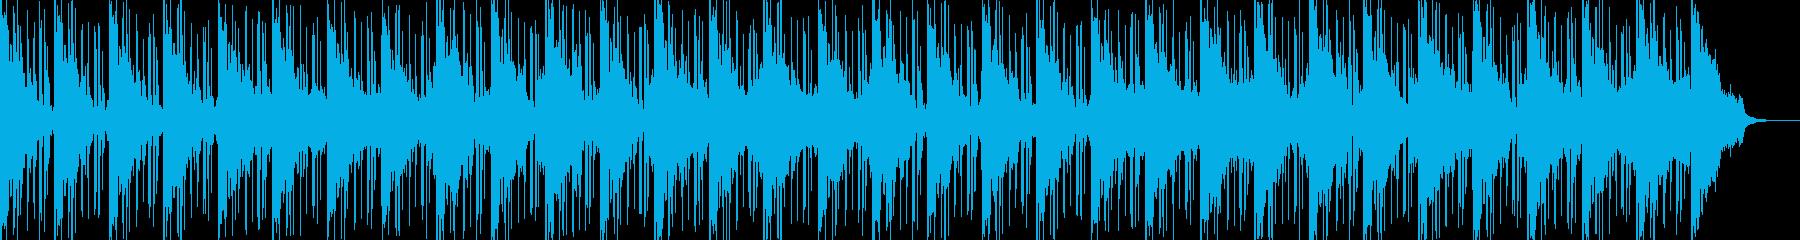 非常に暖かく滑らかなチルアウトトラ...の再生済みの波形